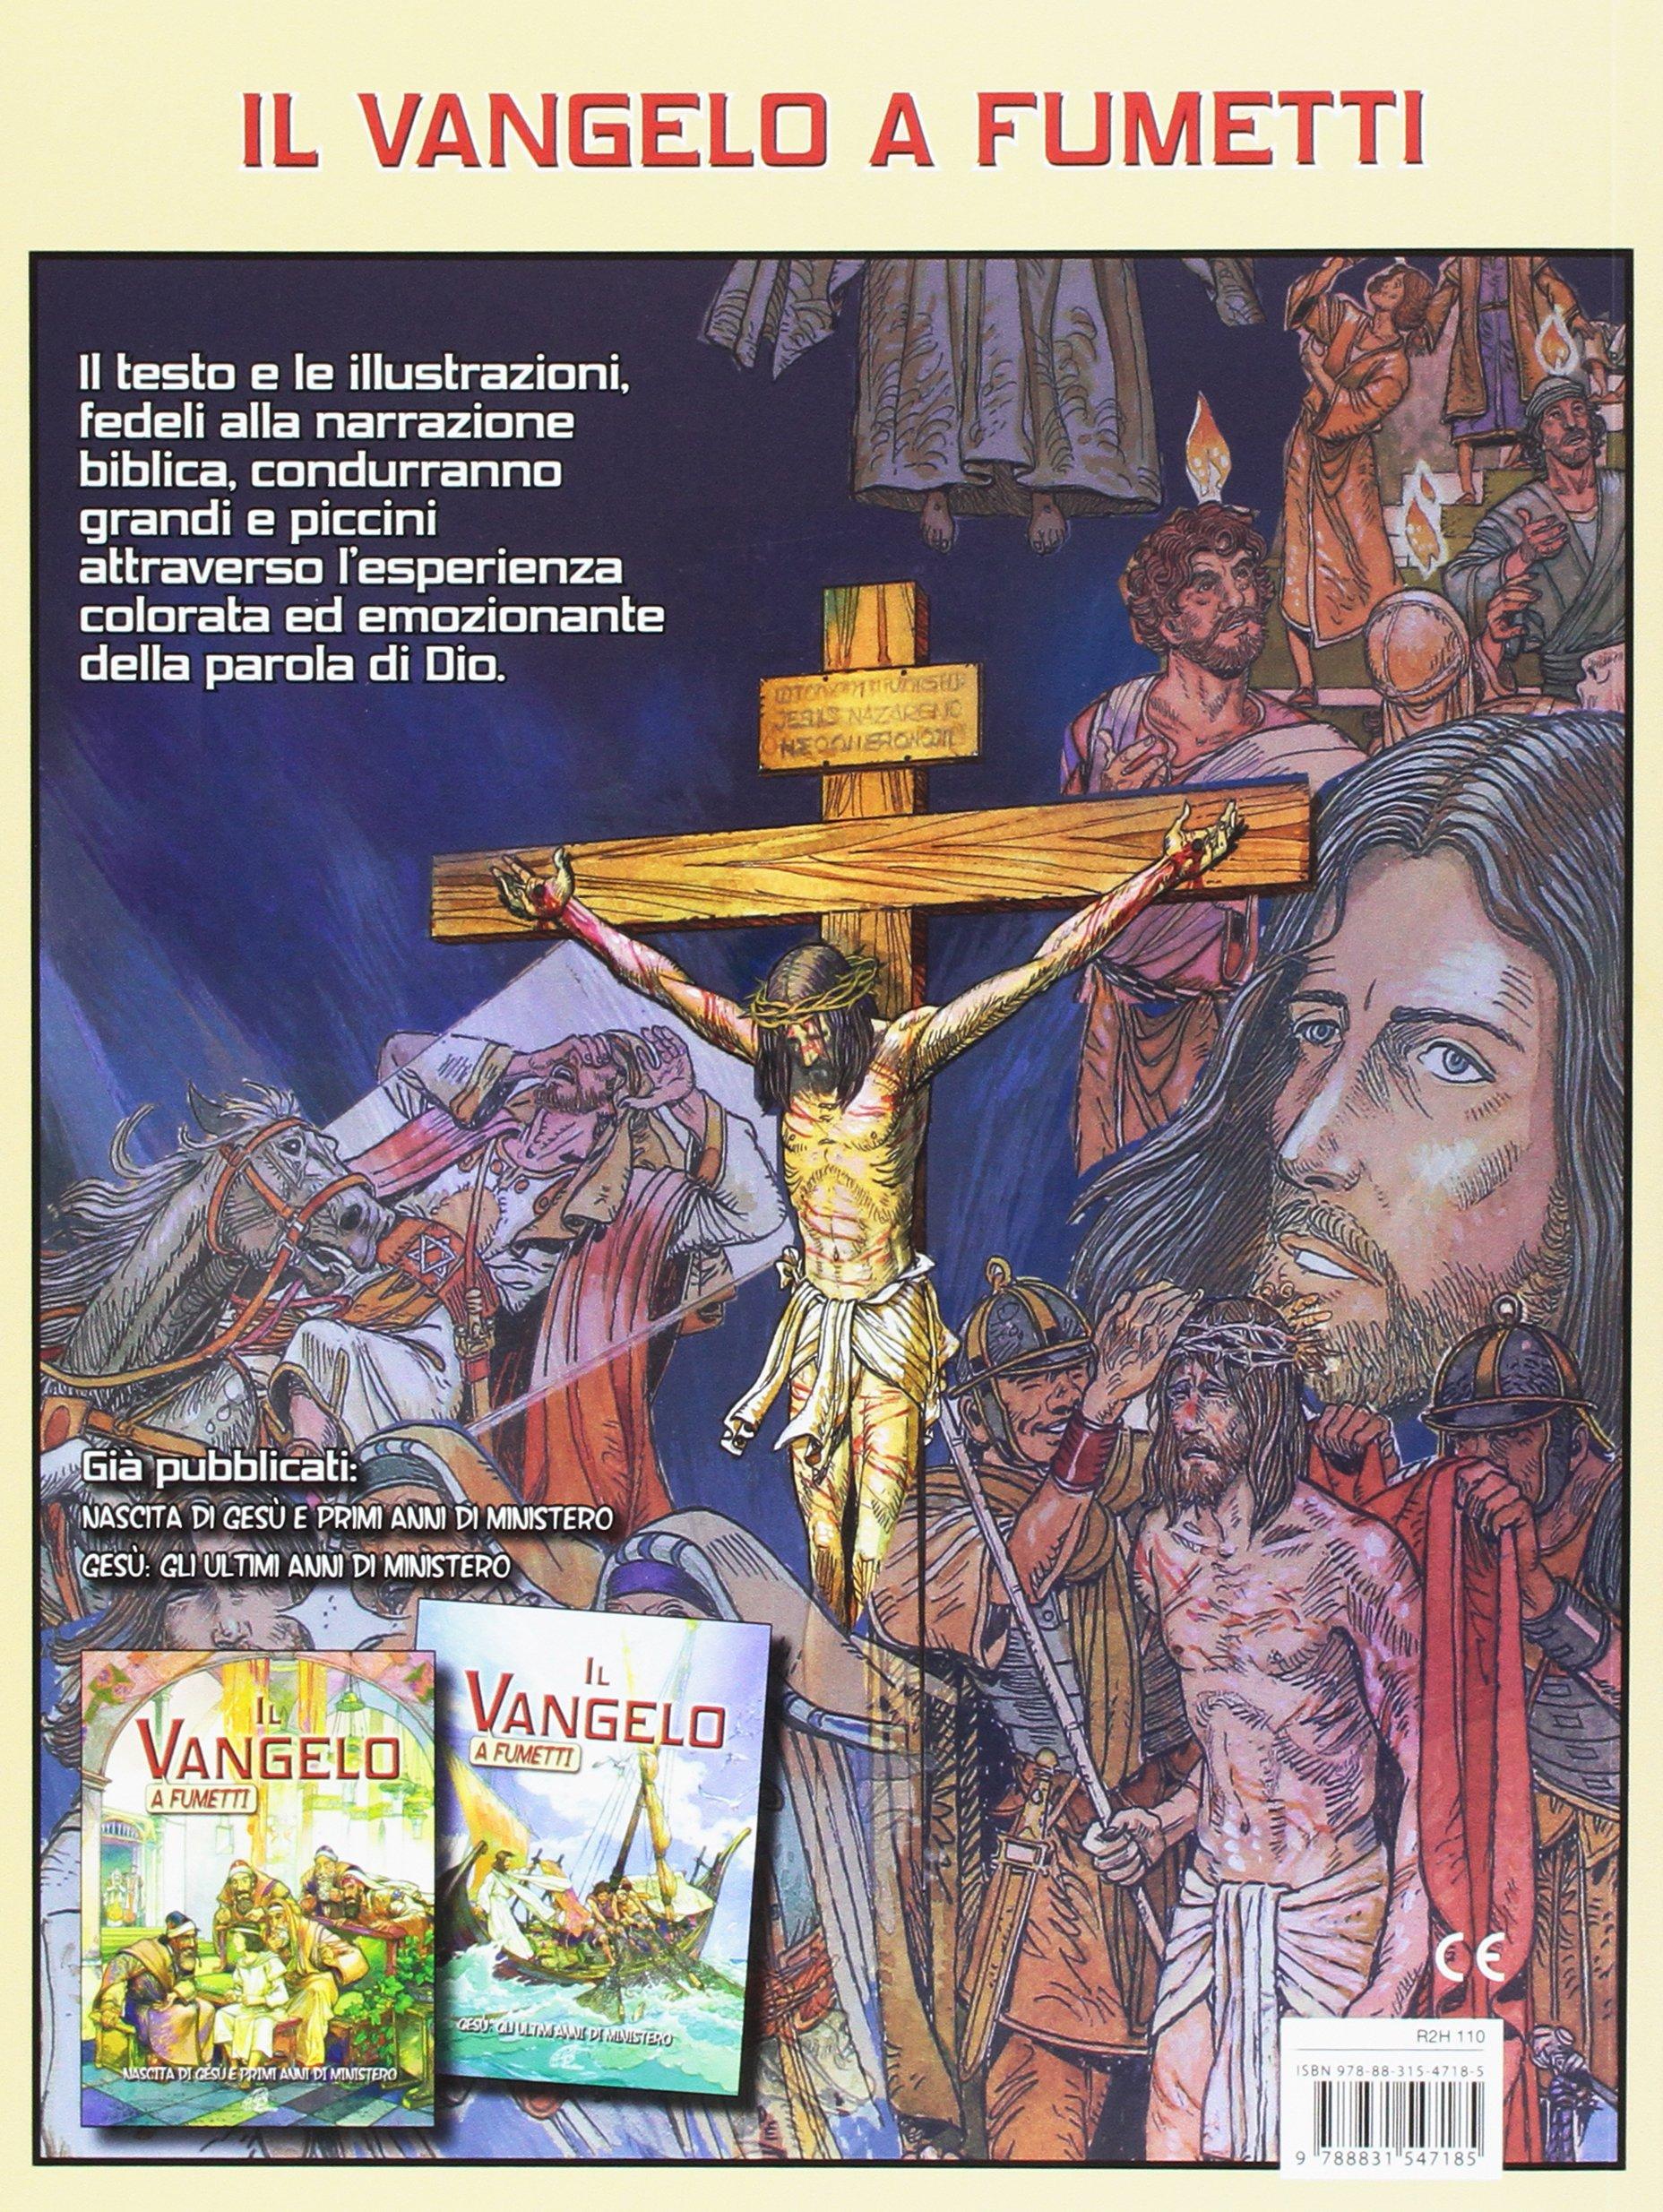 Il vangelo a fumetti. da gesù a paolo. ediz. illustrata: amazon.it